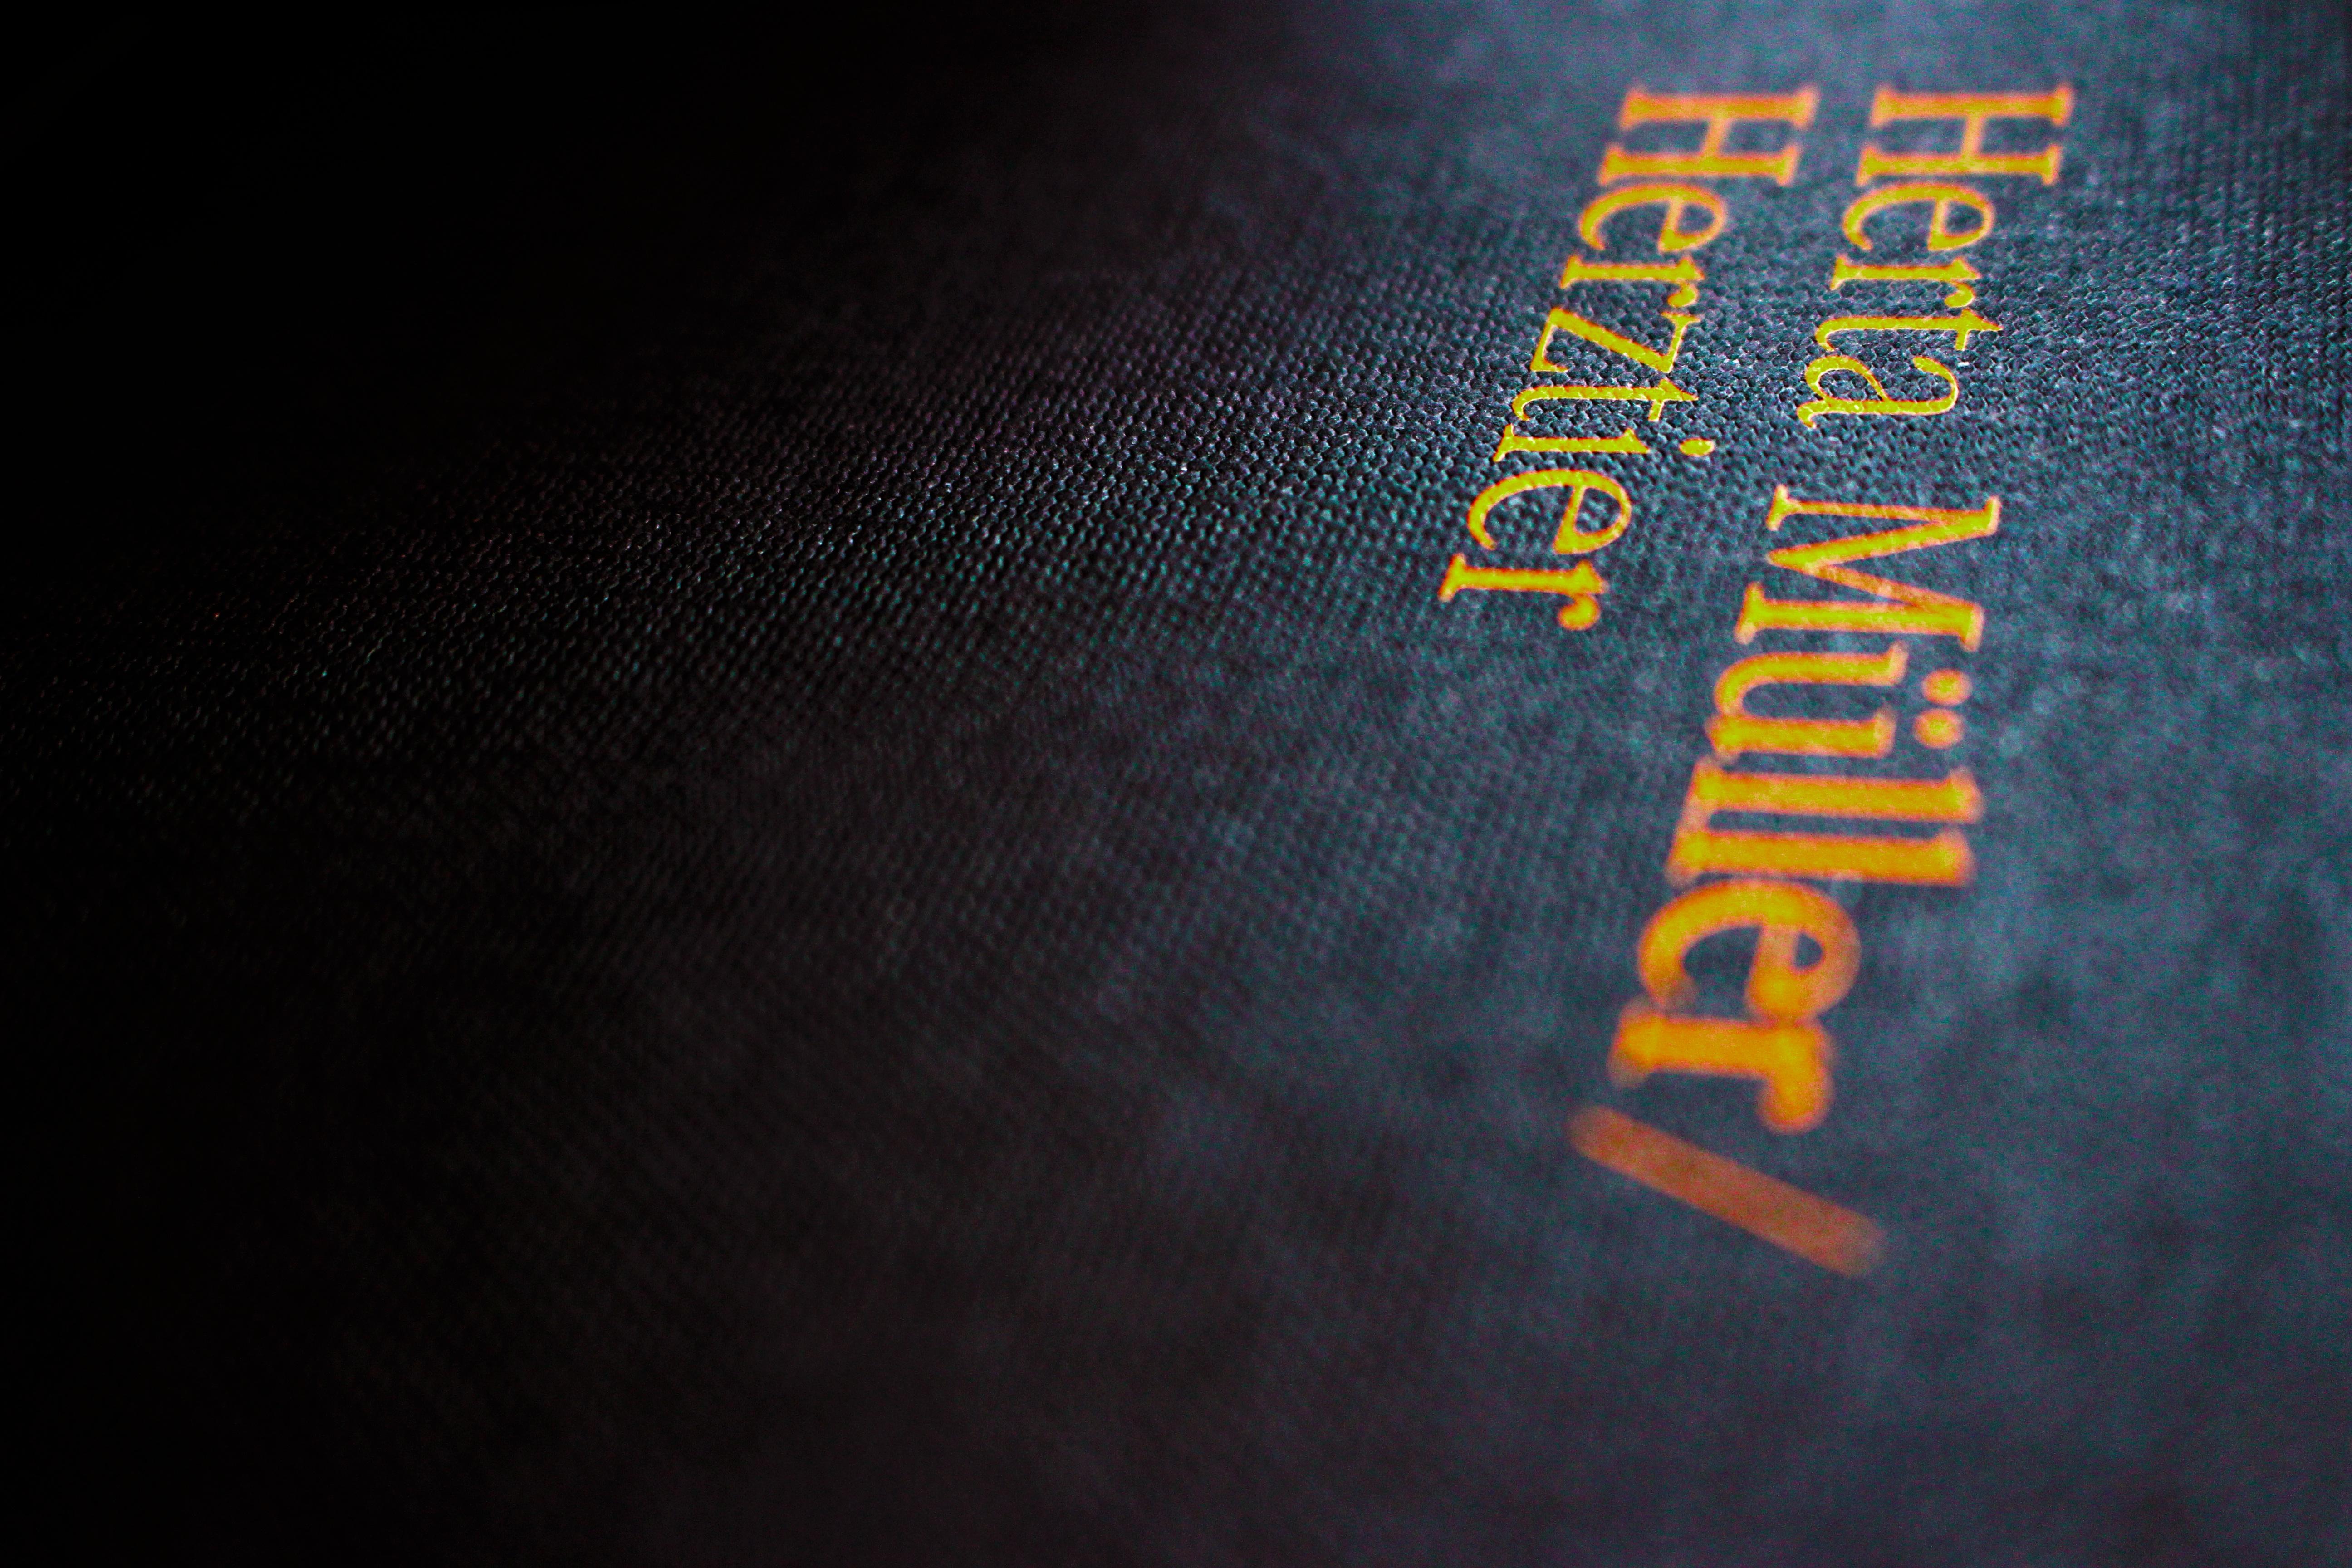 hình ảnh : con số, hàng, bóng tối, màu xanh da trời, đen, màu vàng, nhãn  hiệu, phông chữ, bản văn, Hình dạng, bìa album, Hình nền máy tính 5184x3456